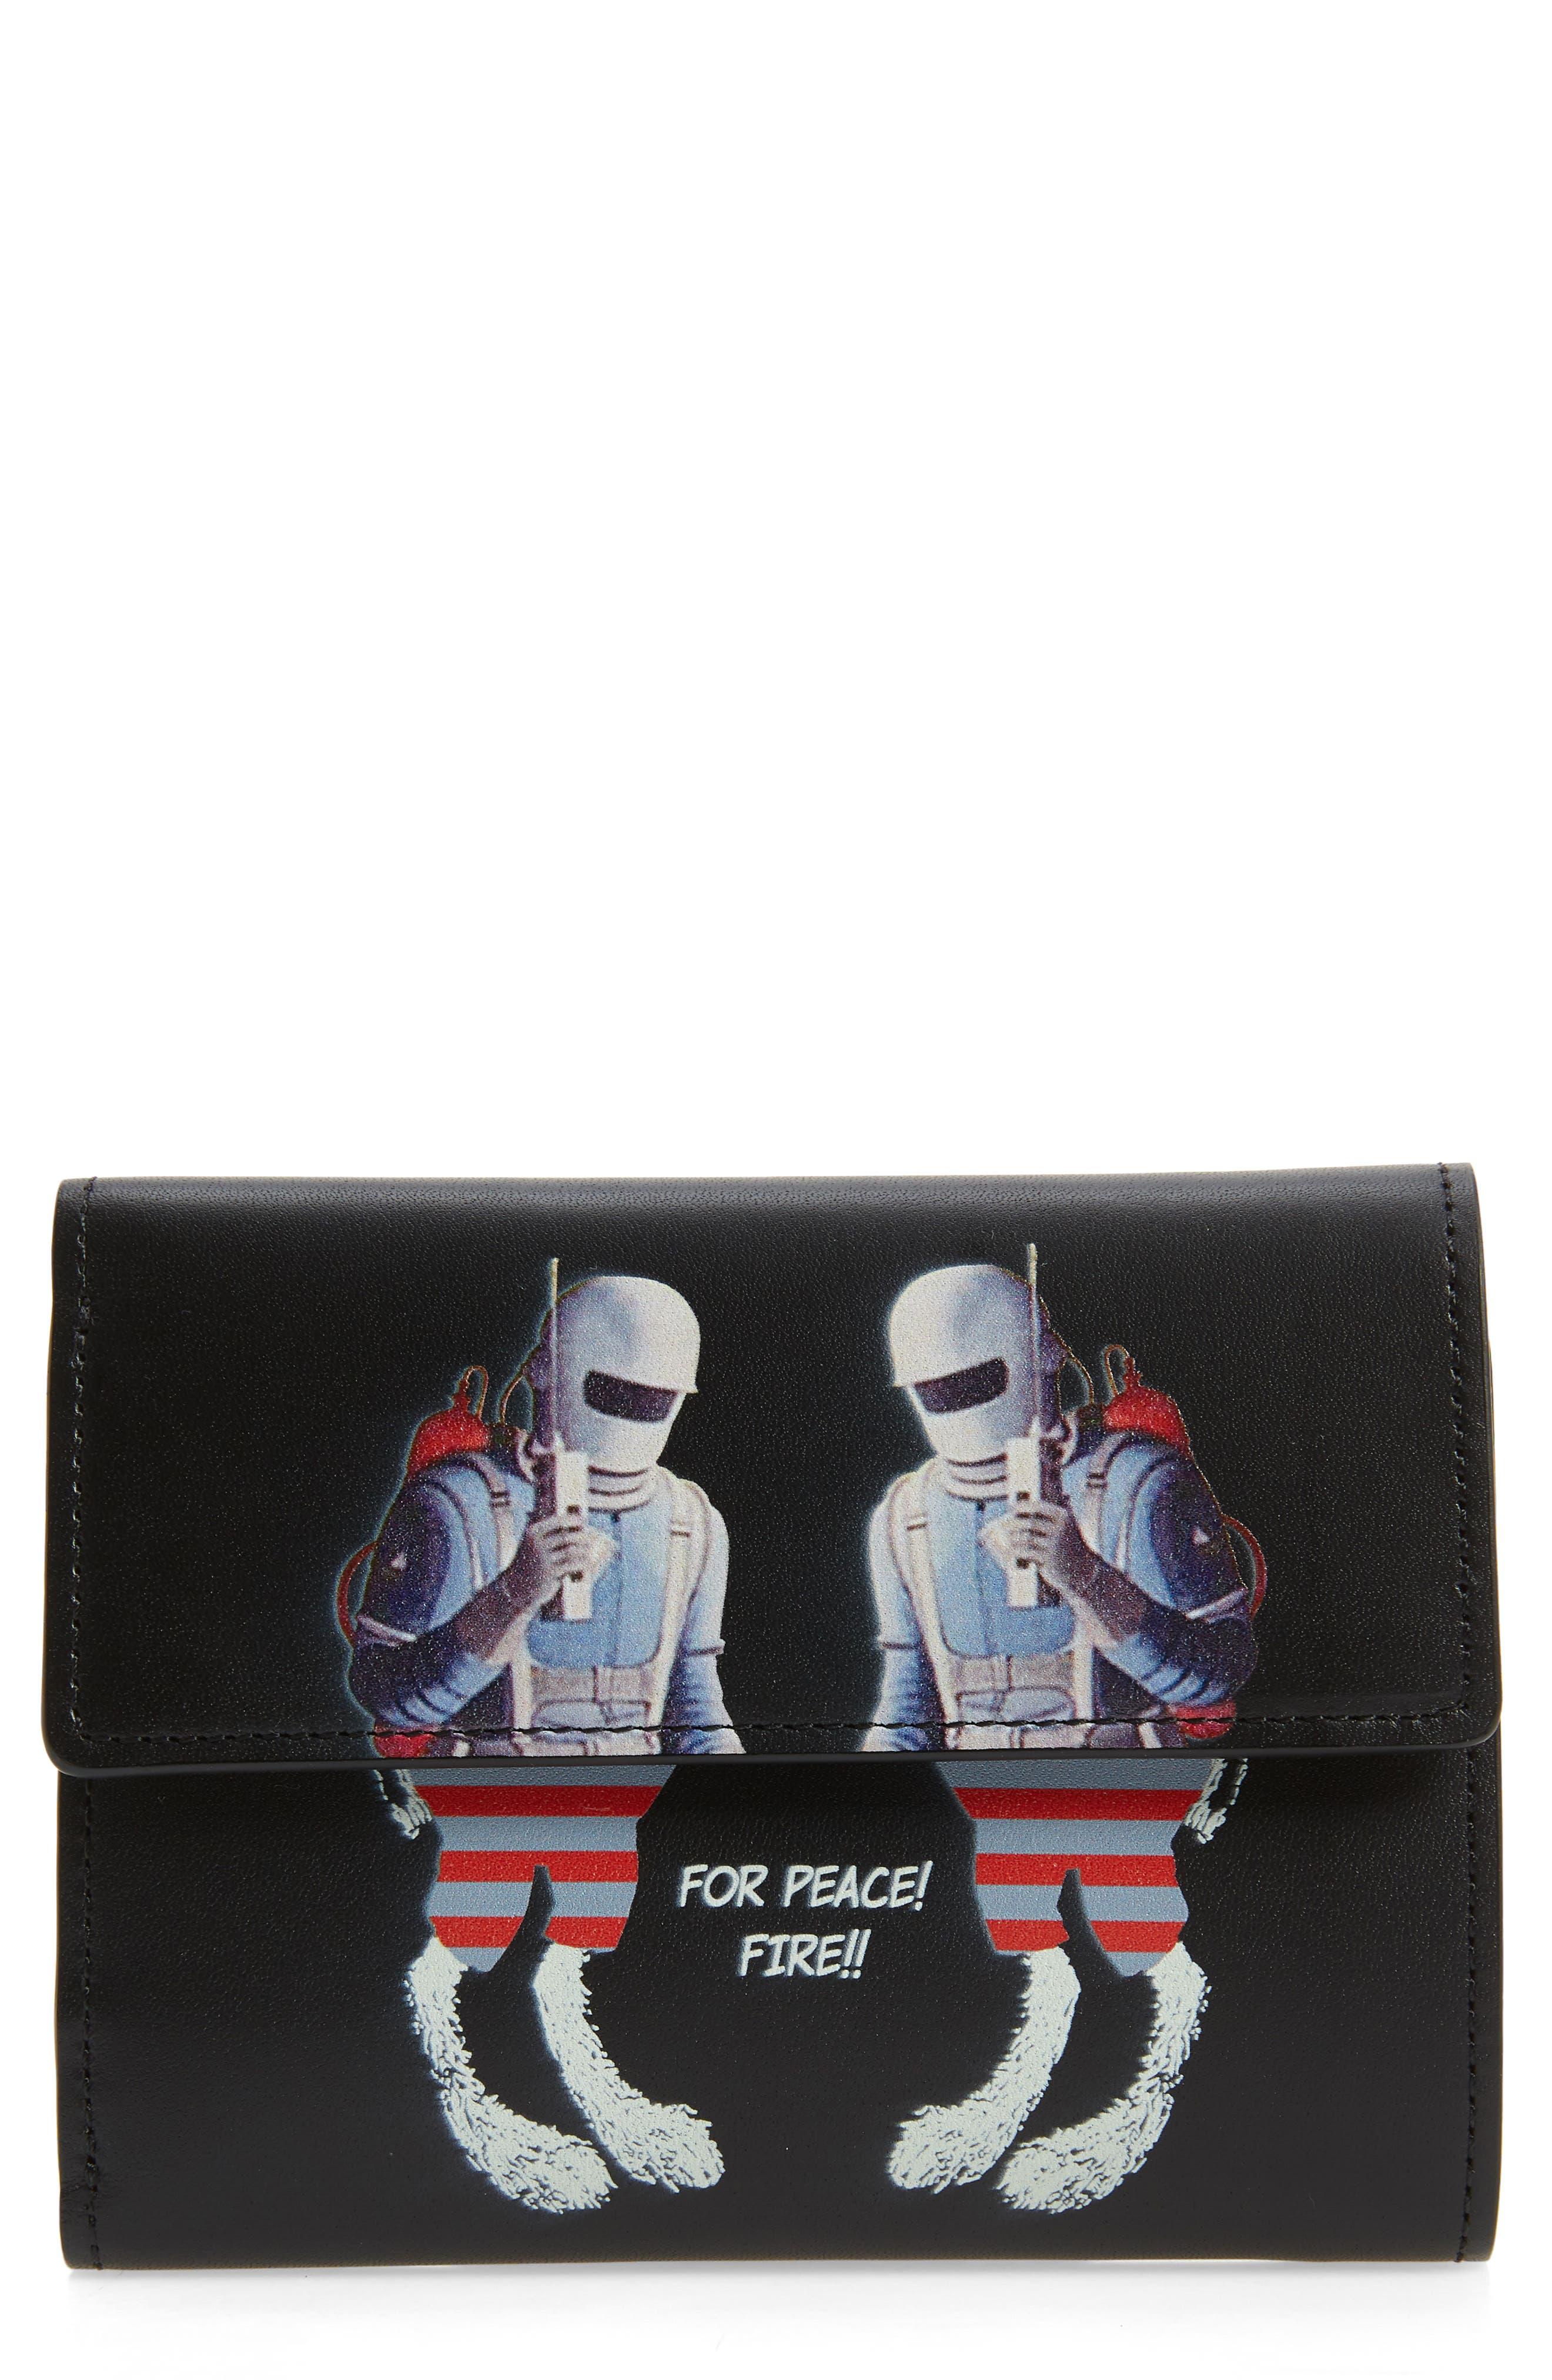 Spacemen Leather Wallet,                             Main thumbnail 1, color,                             Black